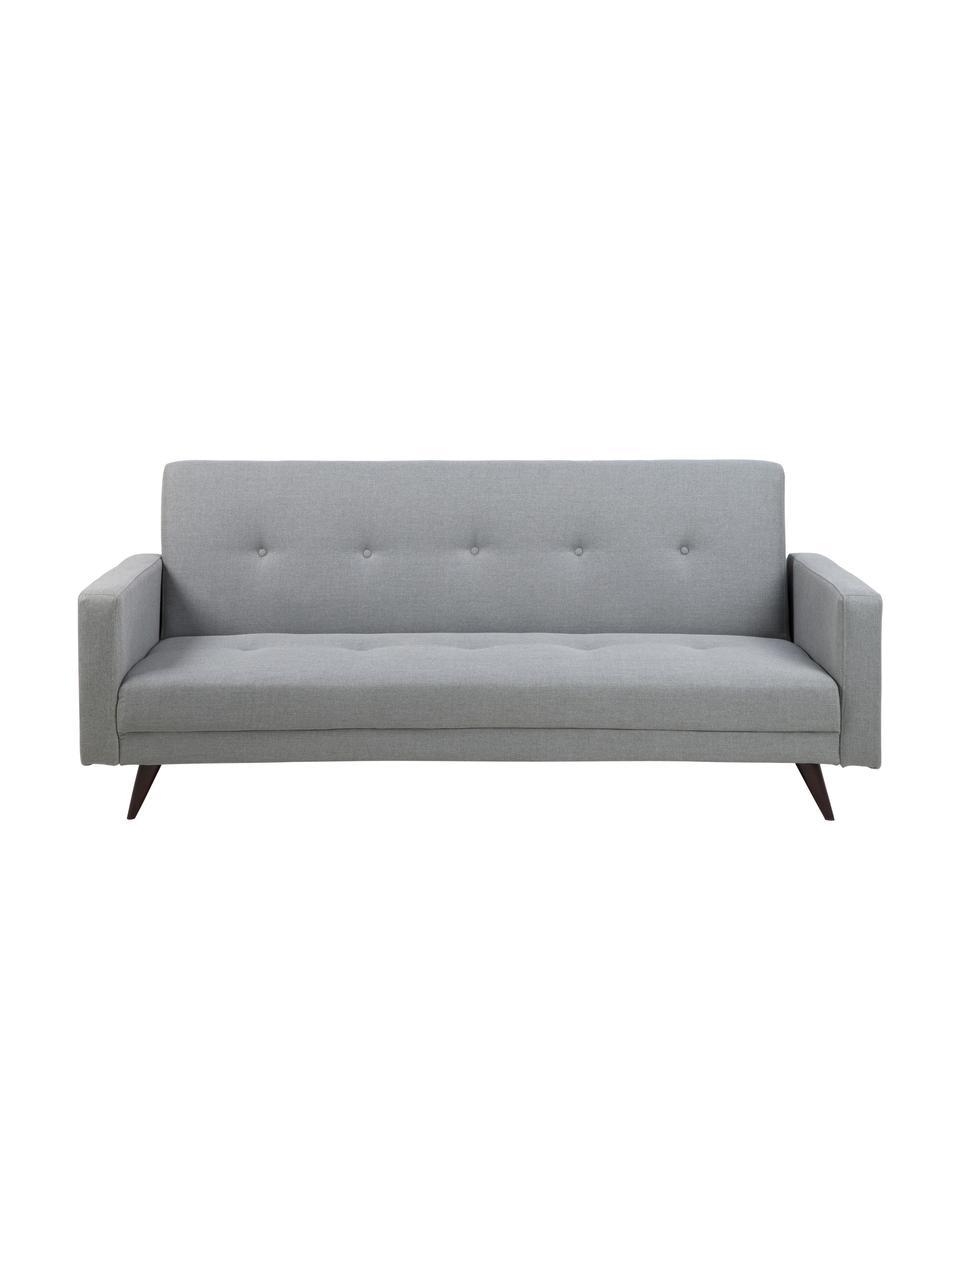 Canapé convertible 3places gris clair Leconi, Tissu gris clair